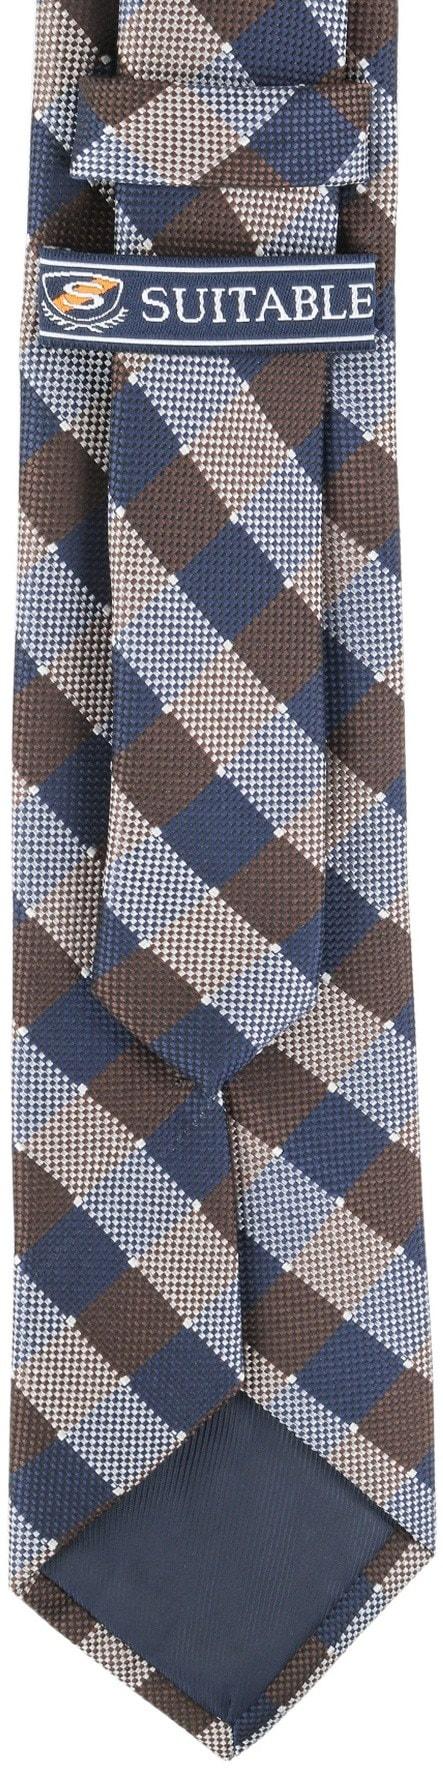 Krawatte Seide Karo 9-17 foto 3